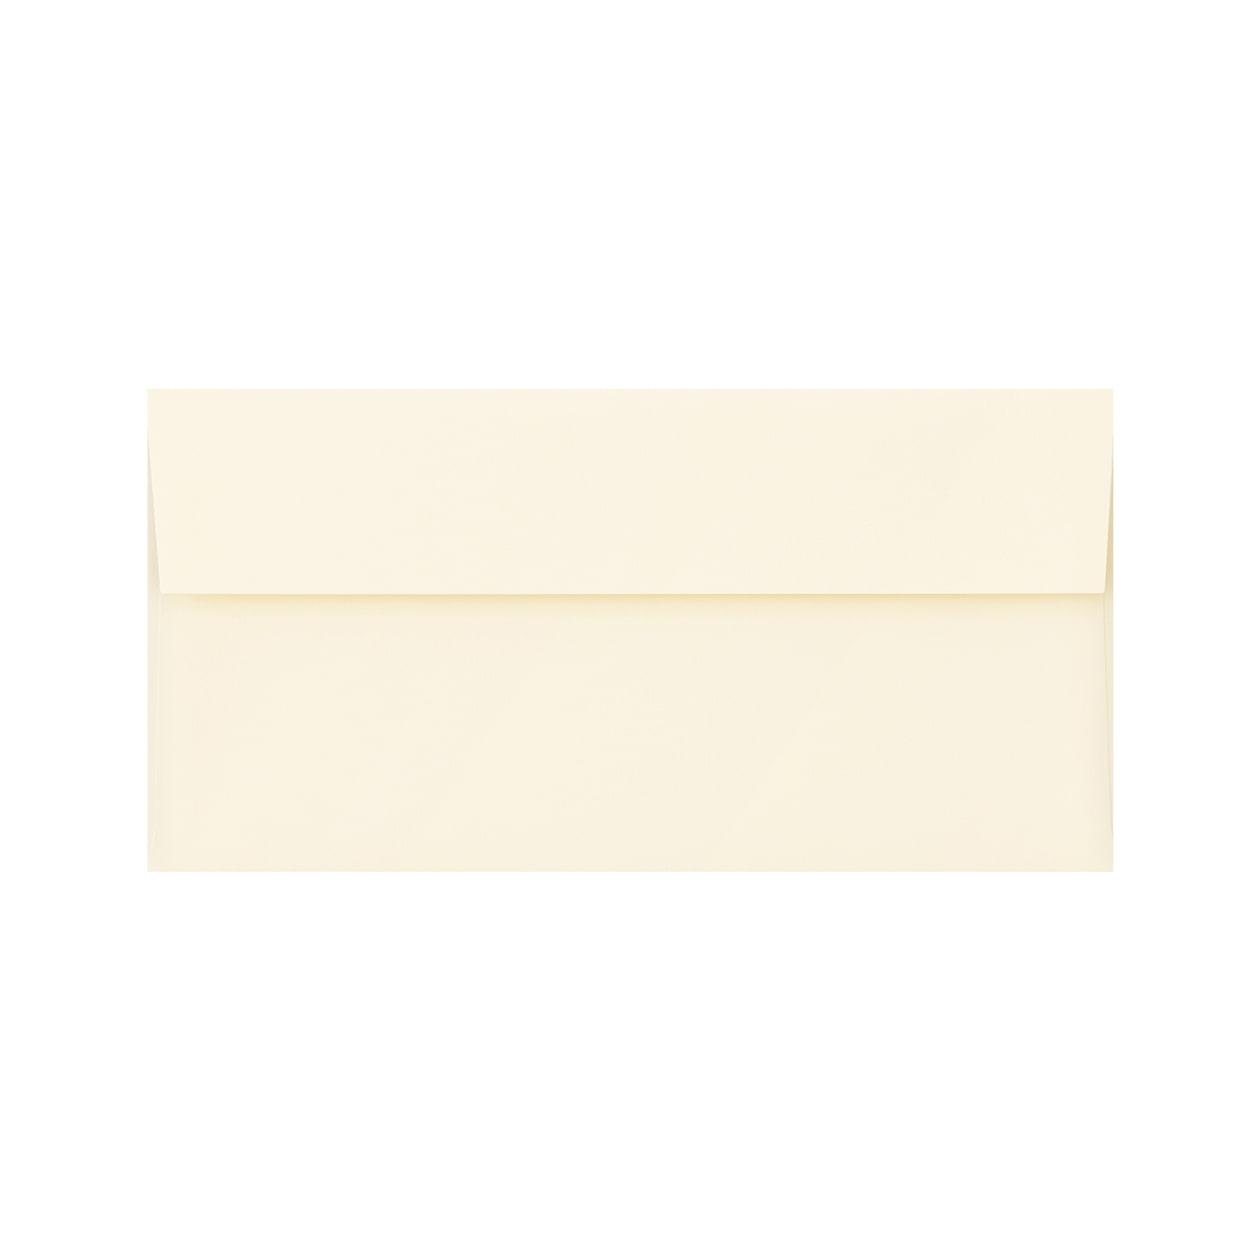 DLカマス封筒 コットン ナチュラル 116.3g